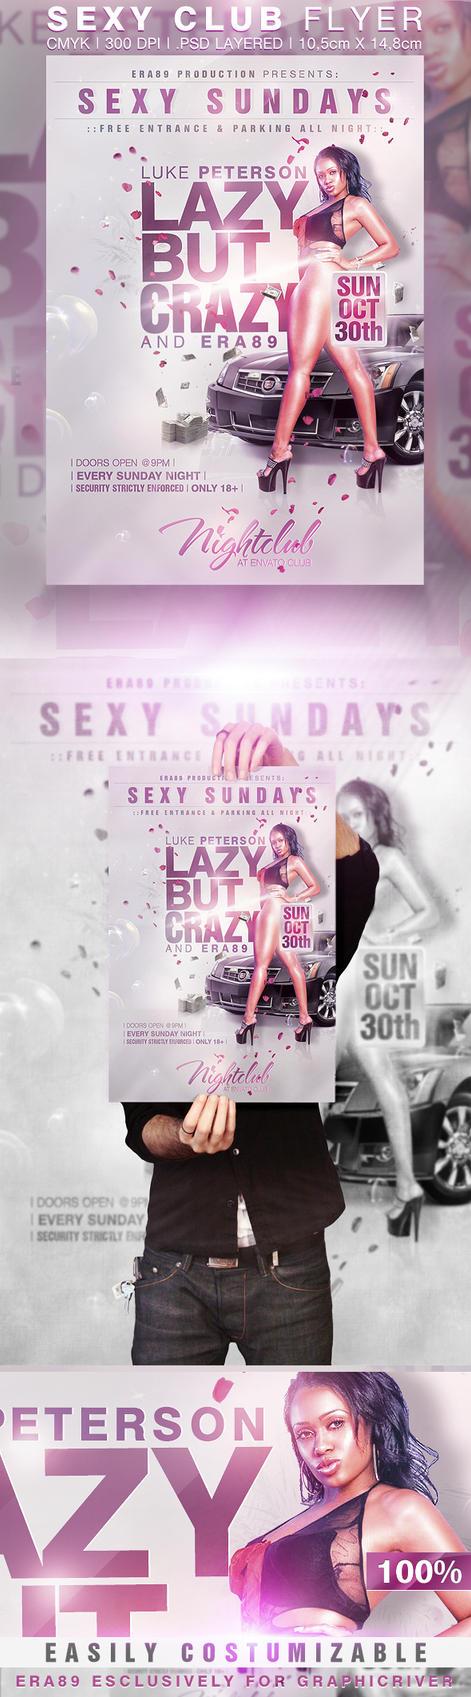 Sexy Sundays Party Flyer by KoolGfx on DeviantArt